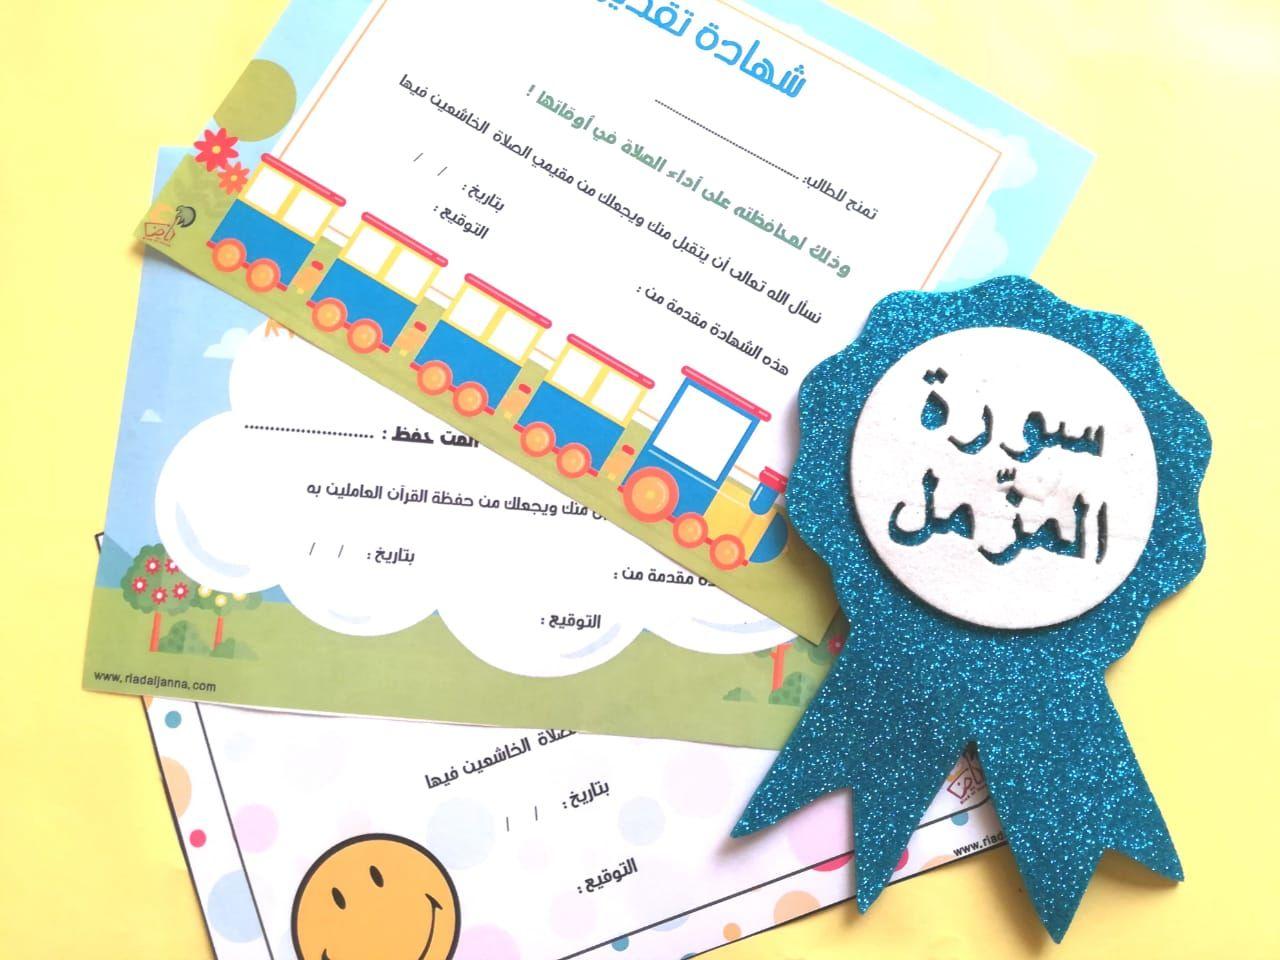 مجموعة متميزة من شهادات تقدير تقدم للأطفال و الطلاب مكافأة على حفظهم القرآن الكريم والتزامهم بالصلاة و بالتلاوة تصلح لاستخدام الأمهات 10 Things Image Frame